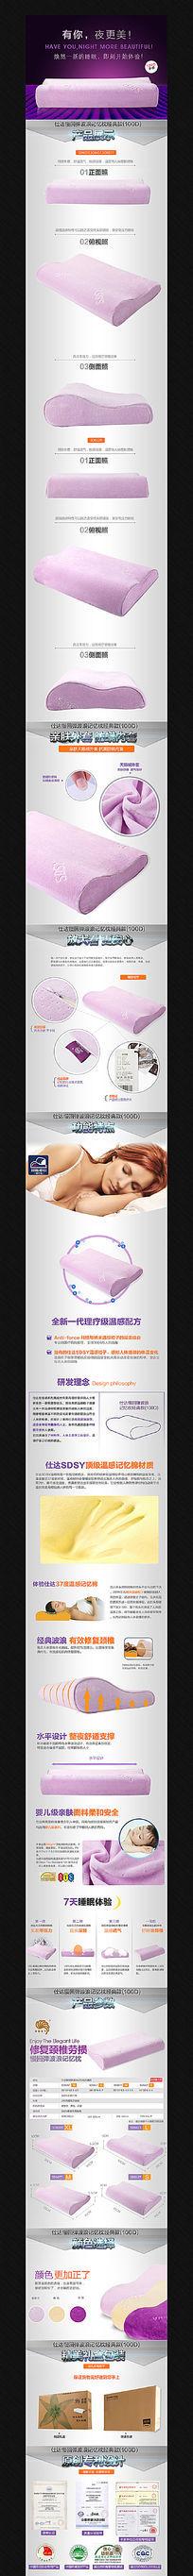 淘宝天猫记忆枕详情页细节展示模板